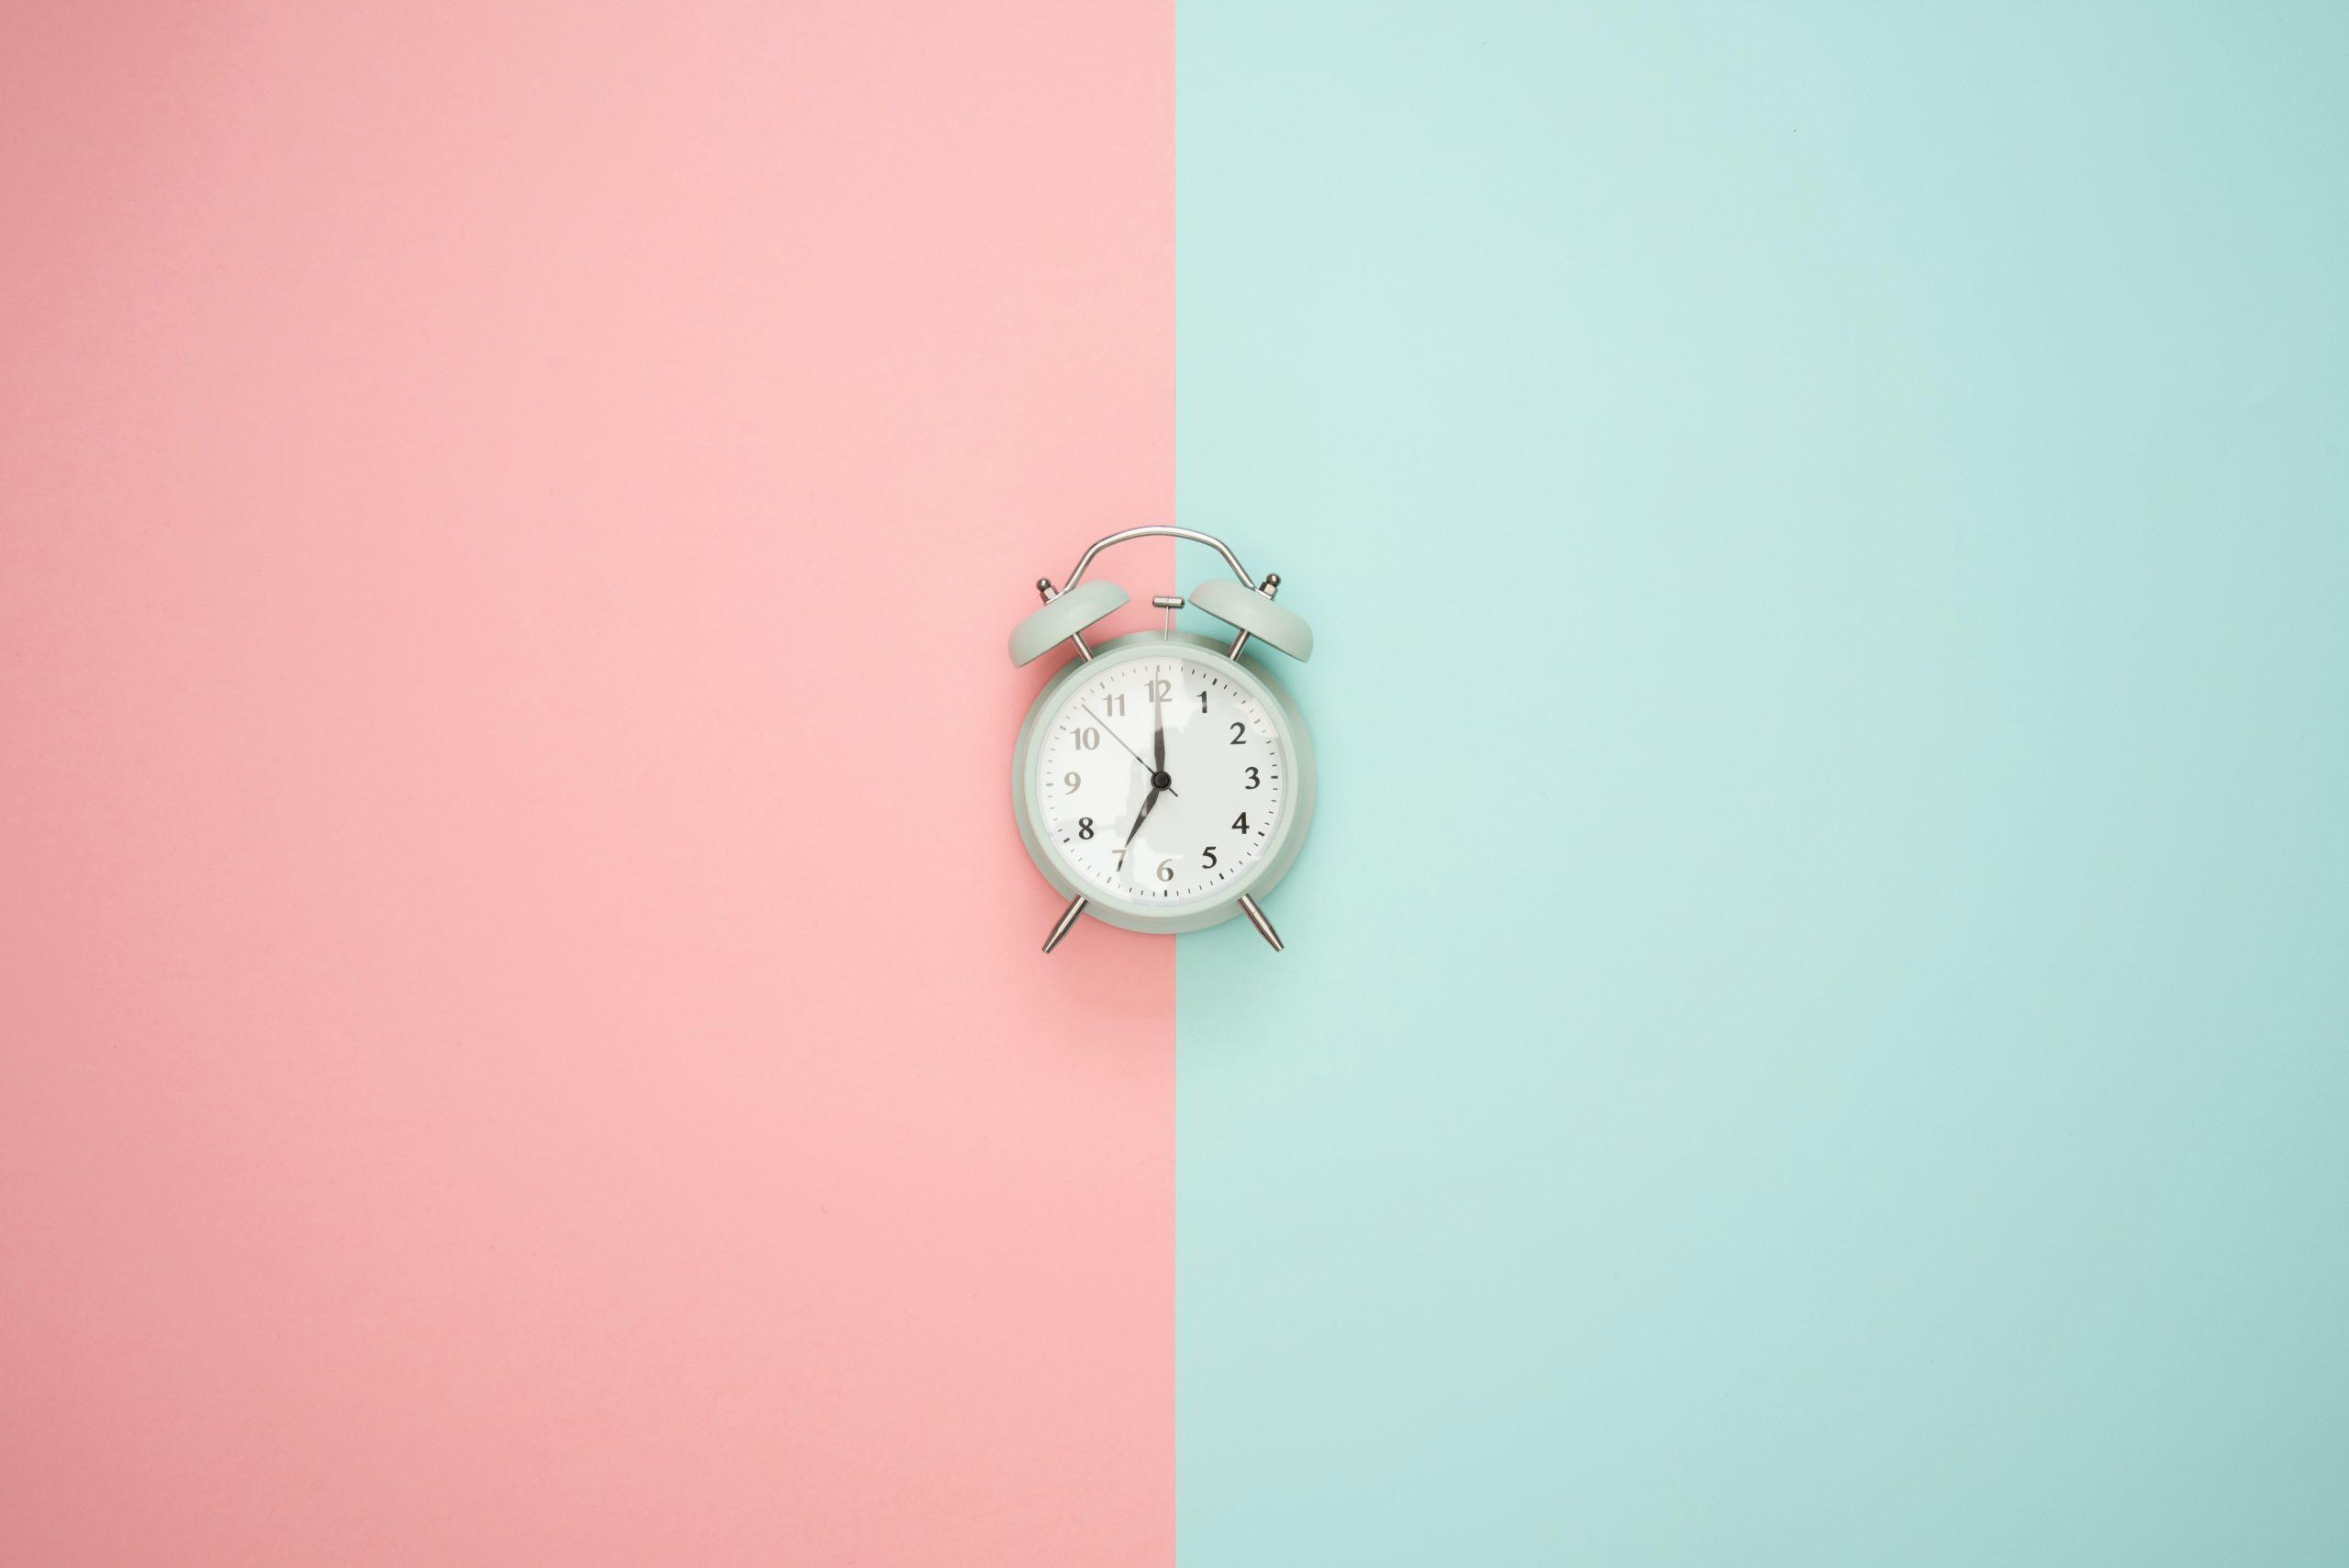 השעון ביולוגי שלך מתקתק